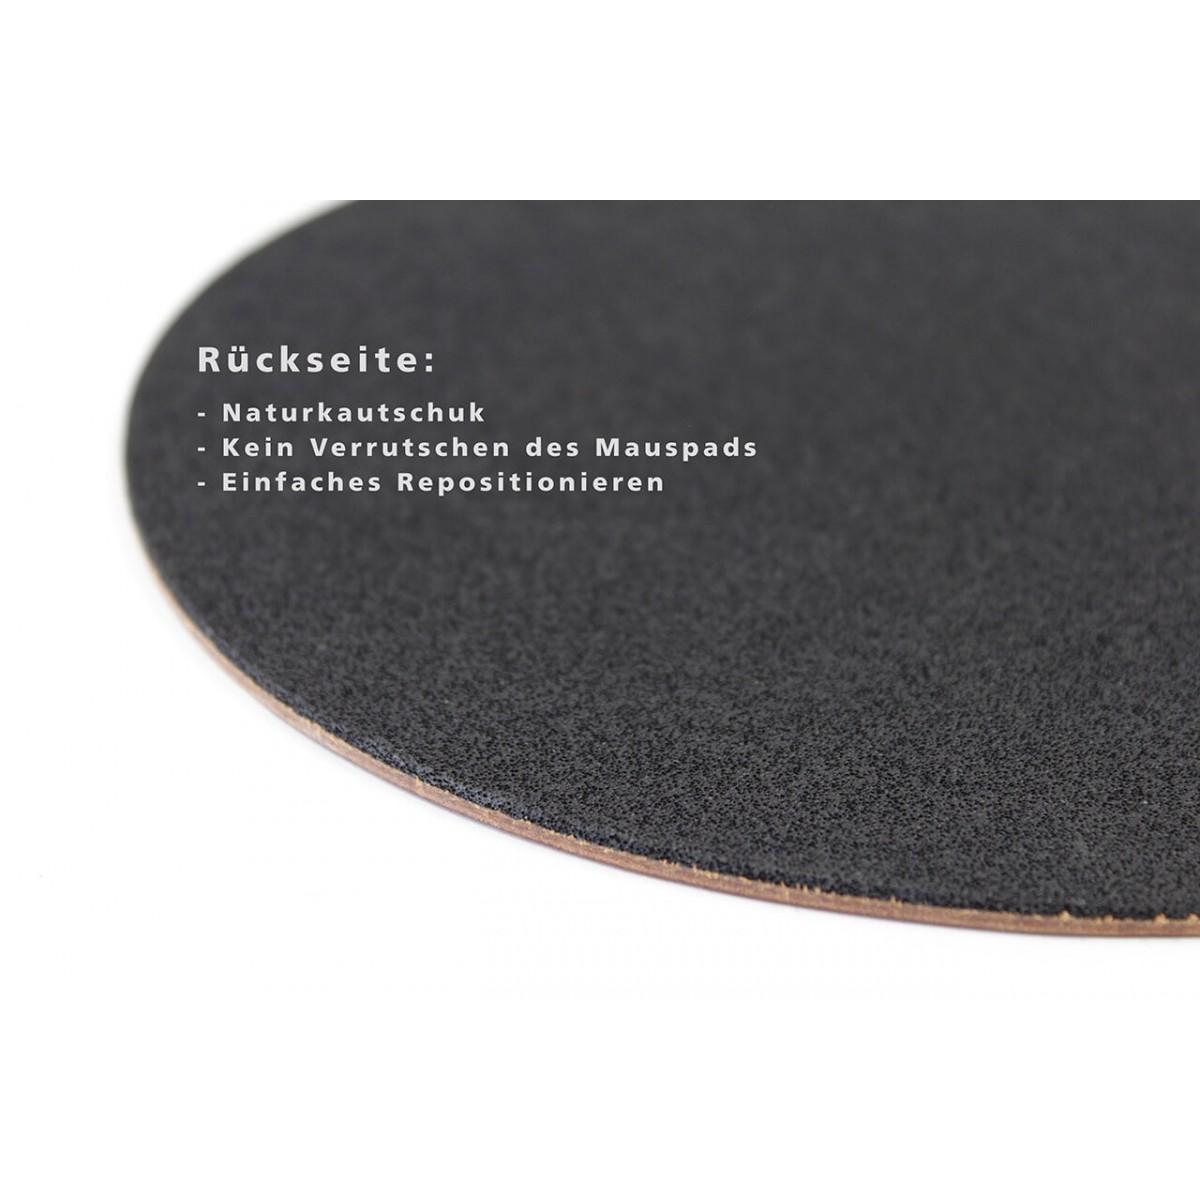 Leder Mousepad Rückseite mit Naturkautschuk